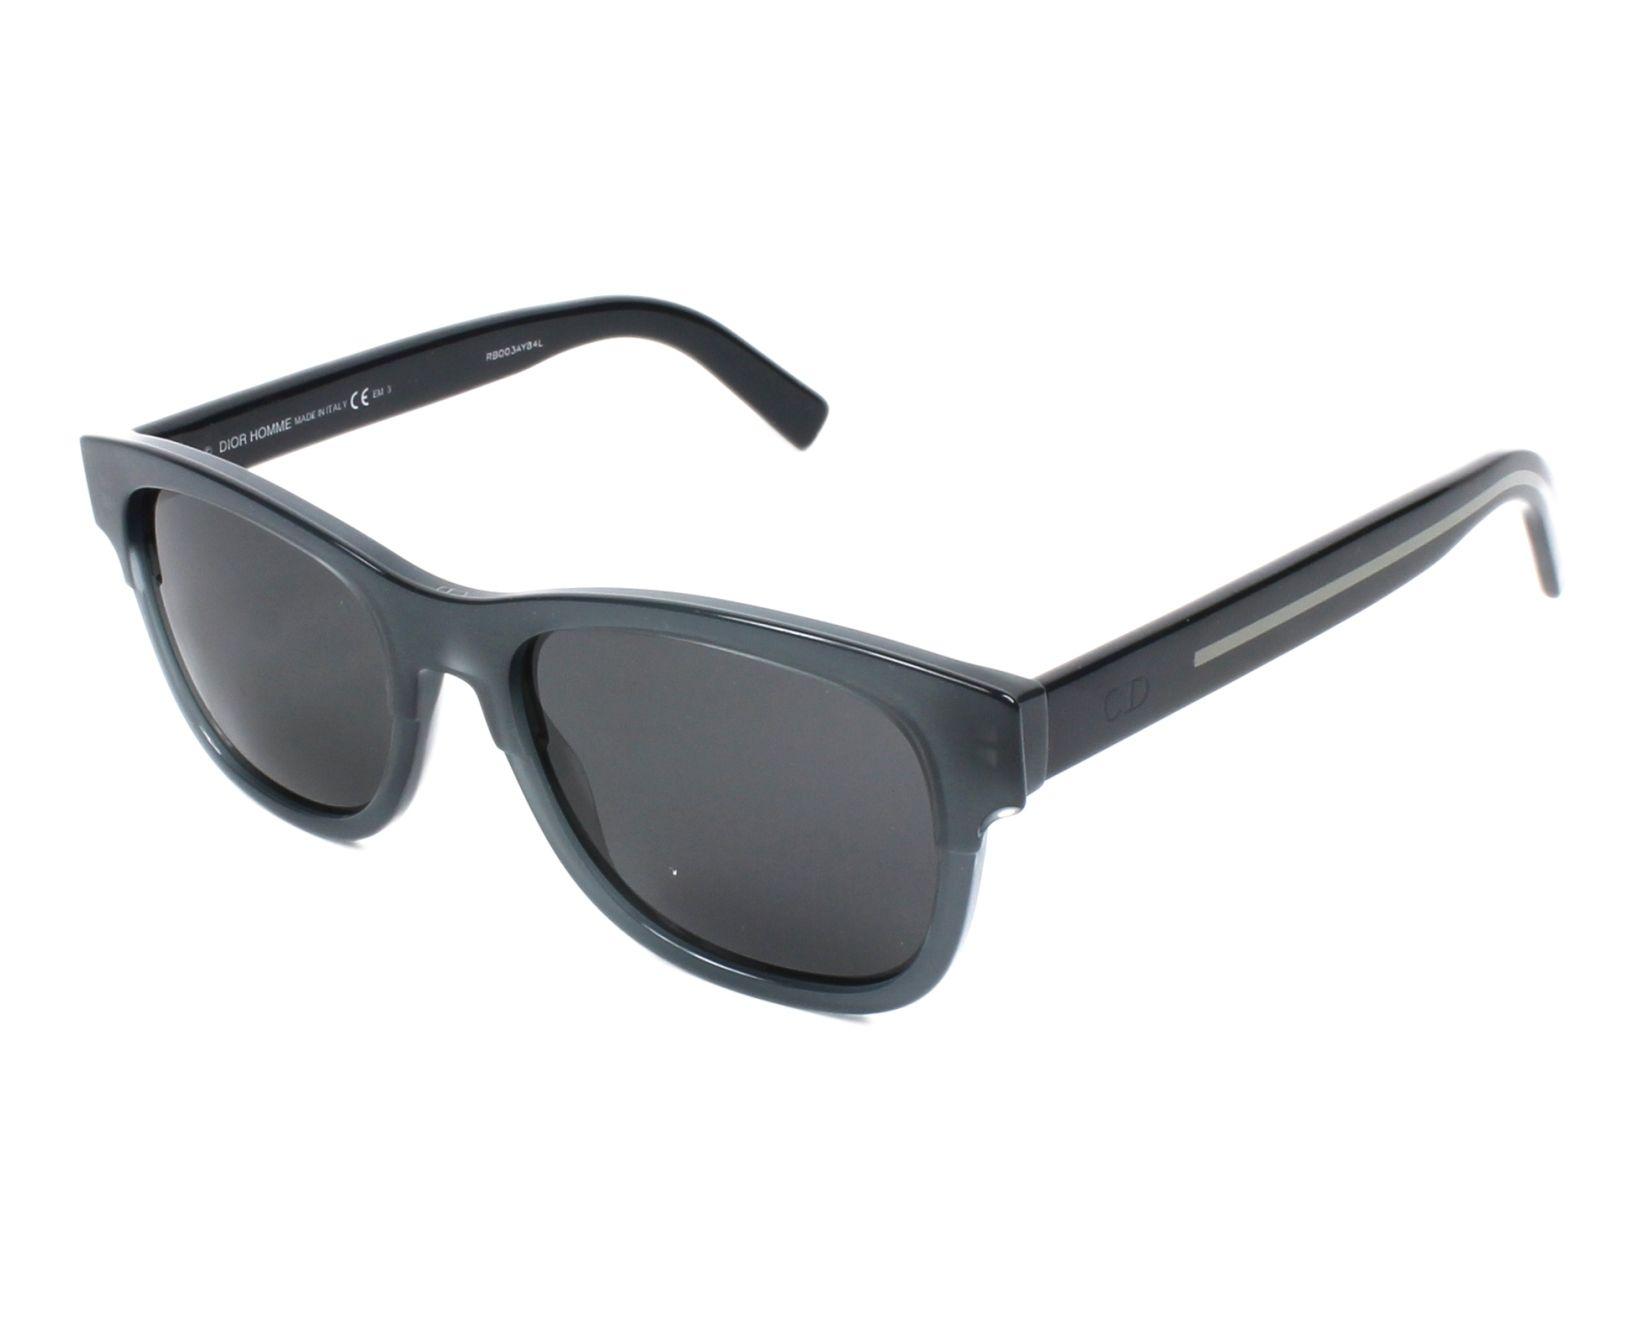 24ab738574 Sunglasses Christian Dior BLACKTIE-196-S L09 Y1 54-19 Grey Blue